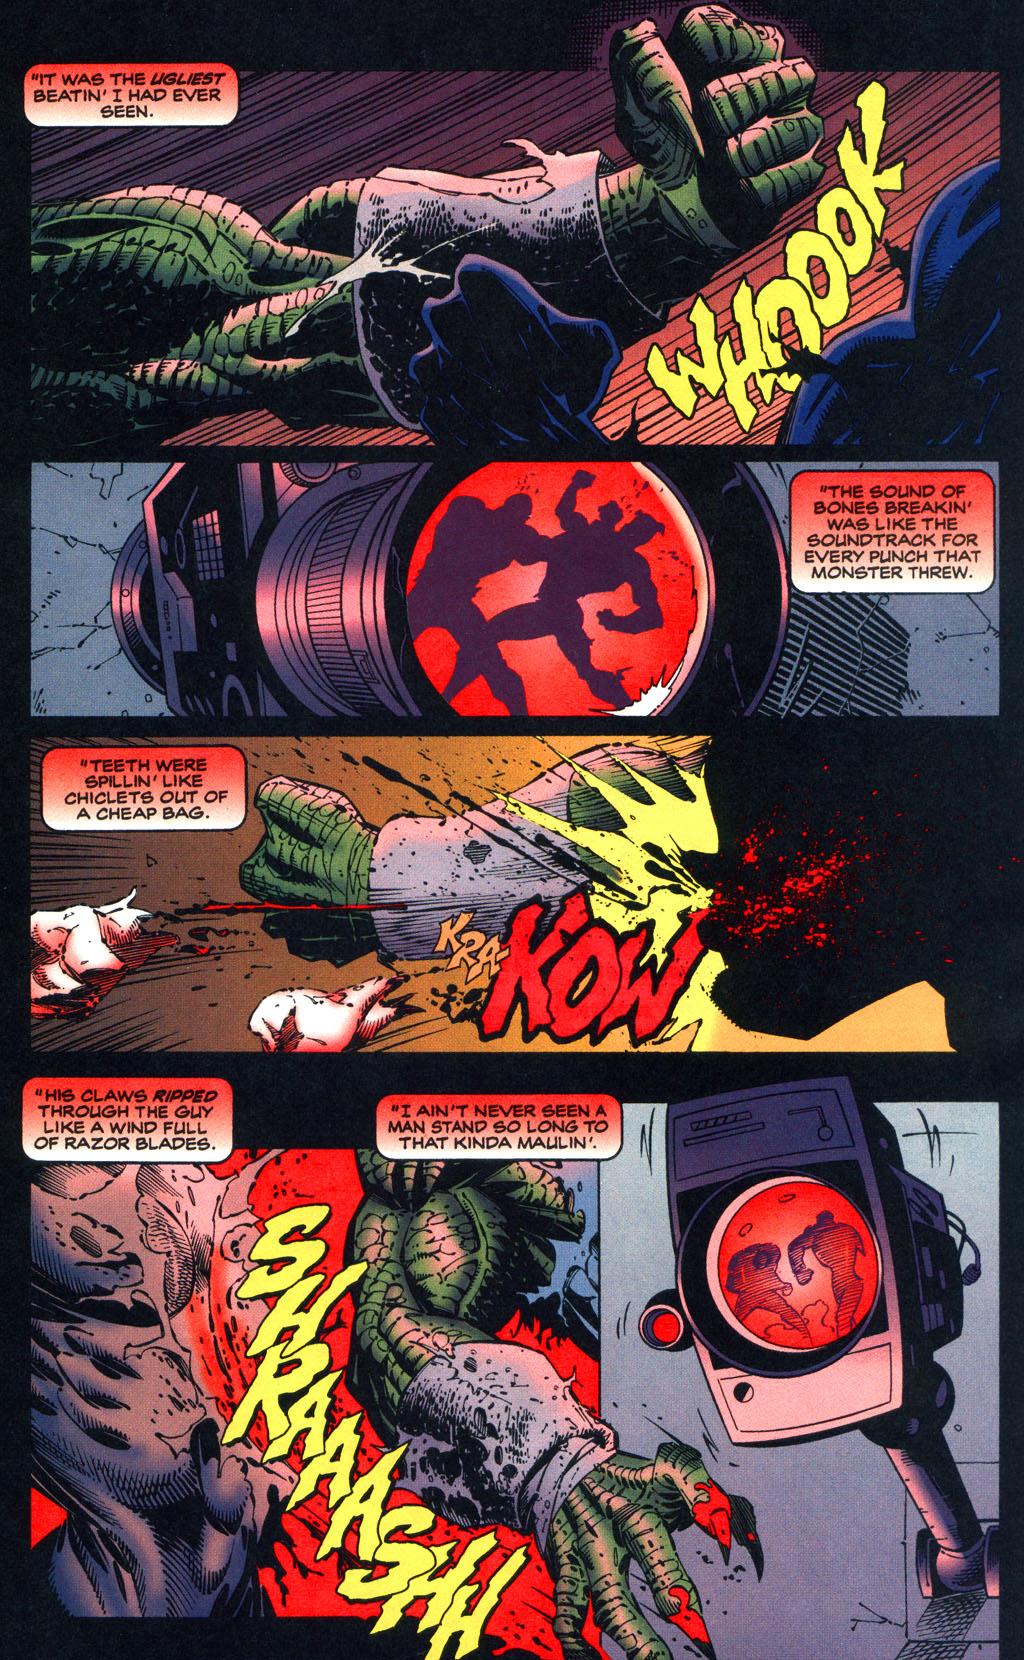 Read online Batman/Wildcat comic -  Issue #1 - 2